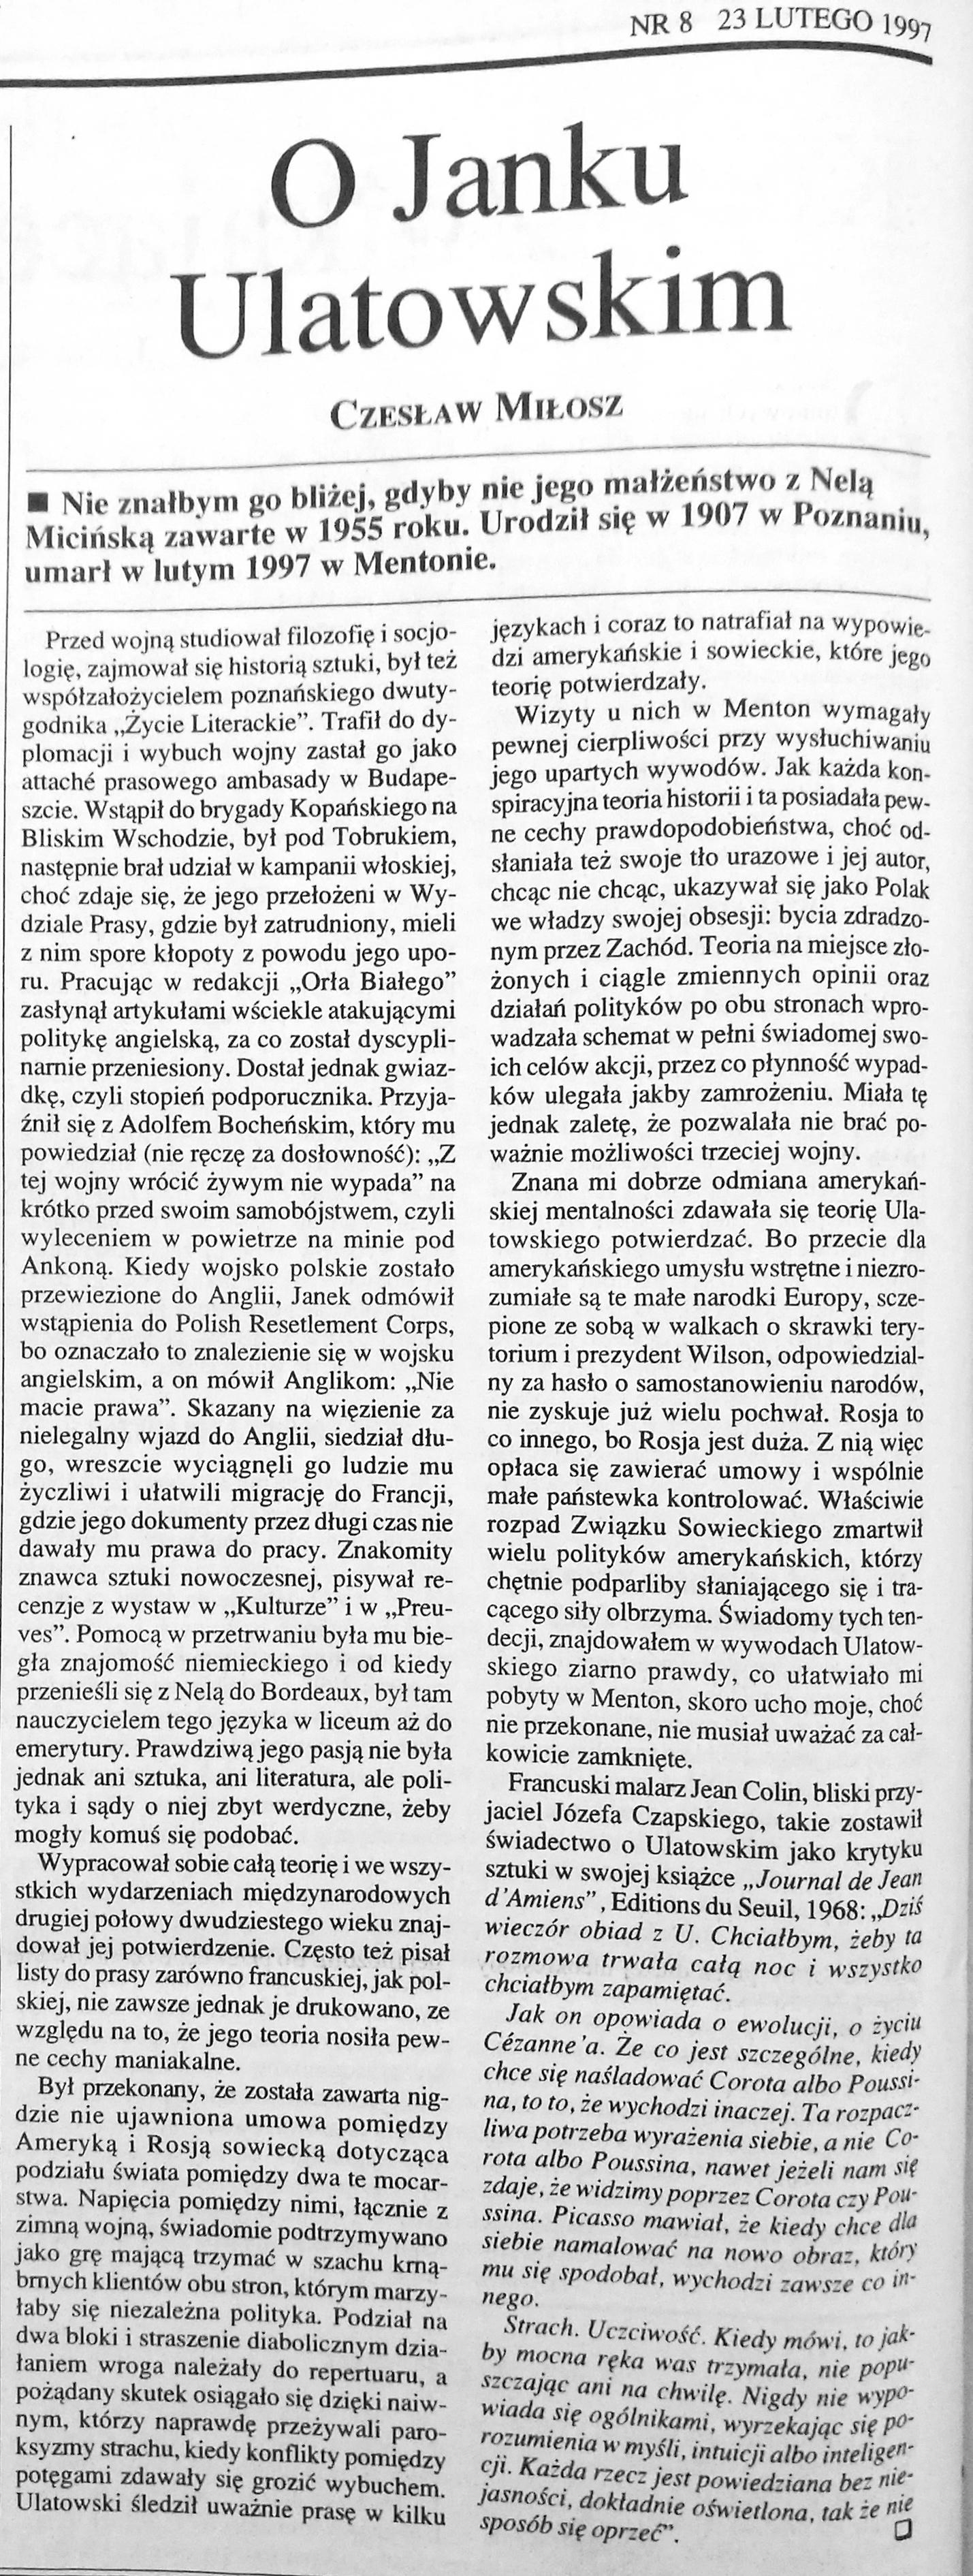 """<div class='inner-box'><div class='close-desc'></div><span class='opis'>Wspomnienie Czesława Miłosza o Janie Ulatowskim. """"Tygodnik Powszechny"""", nr 8 z 23 lutego, 1997 r. We wstępie jest pomyłka - Ulatowski umarł nie w lutym, a 13 stycznia 1997 r.</span><div class='clearfix'></div><span>Sygn. sm00286</span><div class='clearfix'></div><span>© Instytut Literacki</span></div>"""